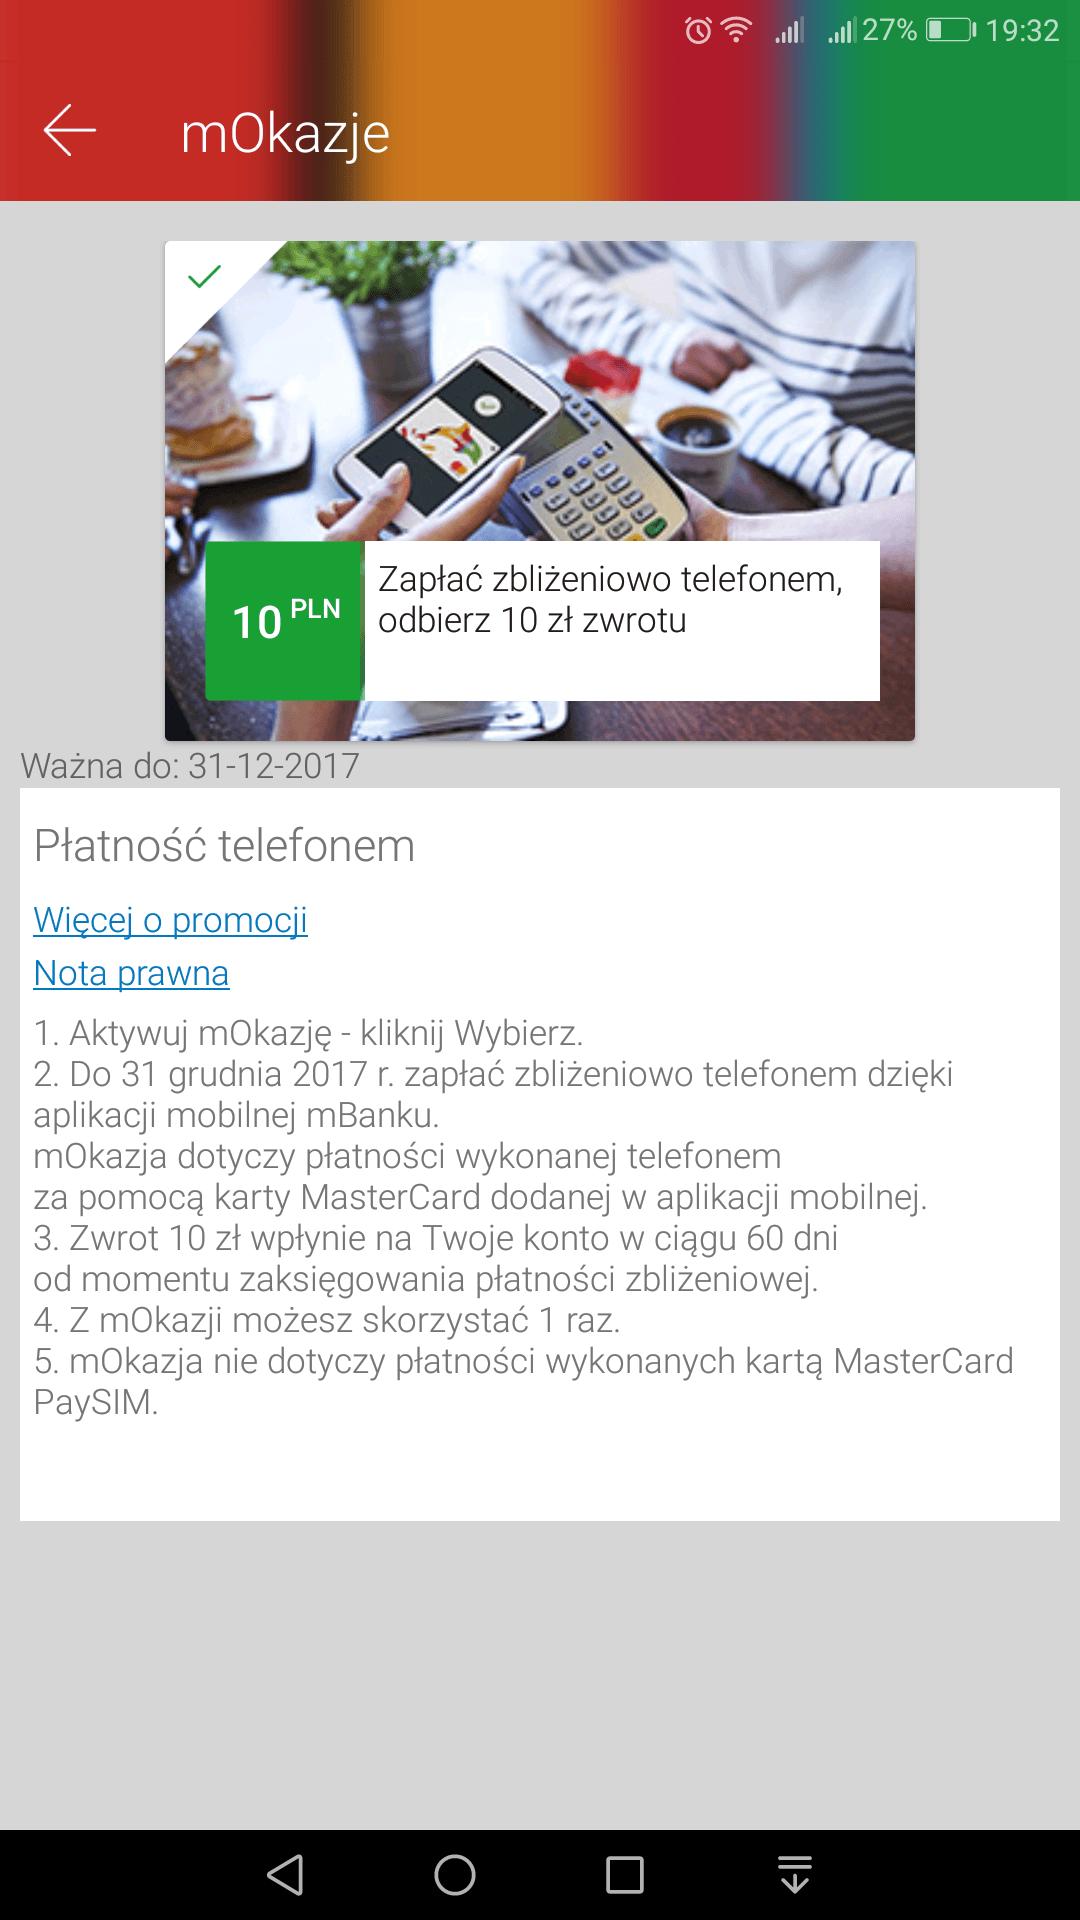 Tabletowo.pl Jesteś klientem mBanku? Zapłać smartfonem, a dostaniesz 10 złotych Android Promocje